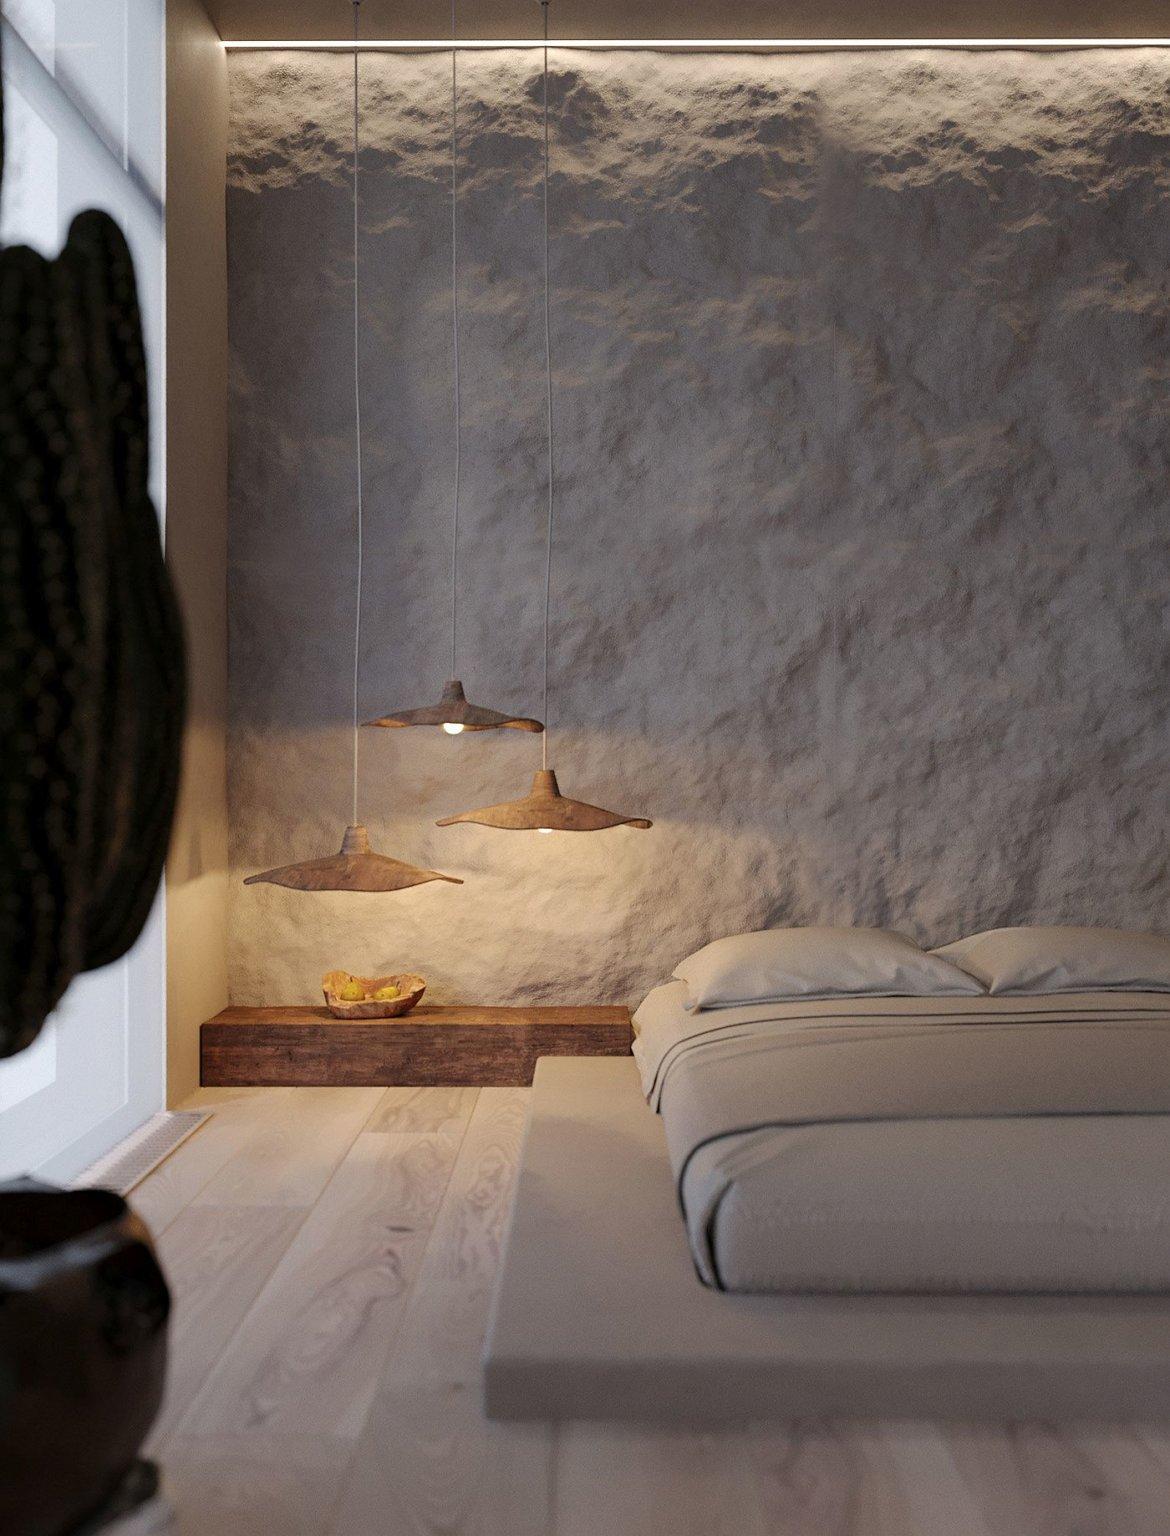 hình ảnh Một góc phòng ngủ tông màu trung tính với bộ đèn thả màu nâu đất, kệ gỗ, tường ốp đất sét